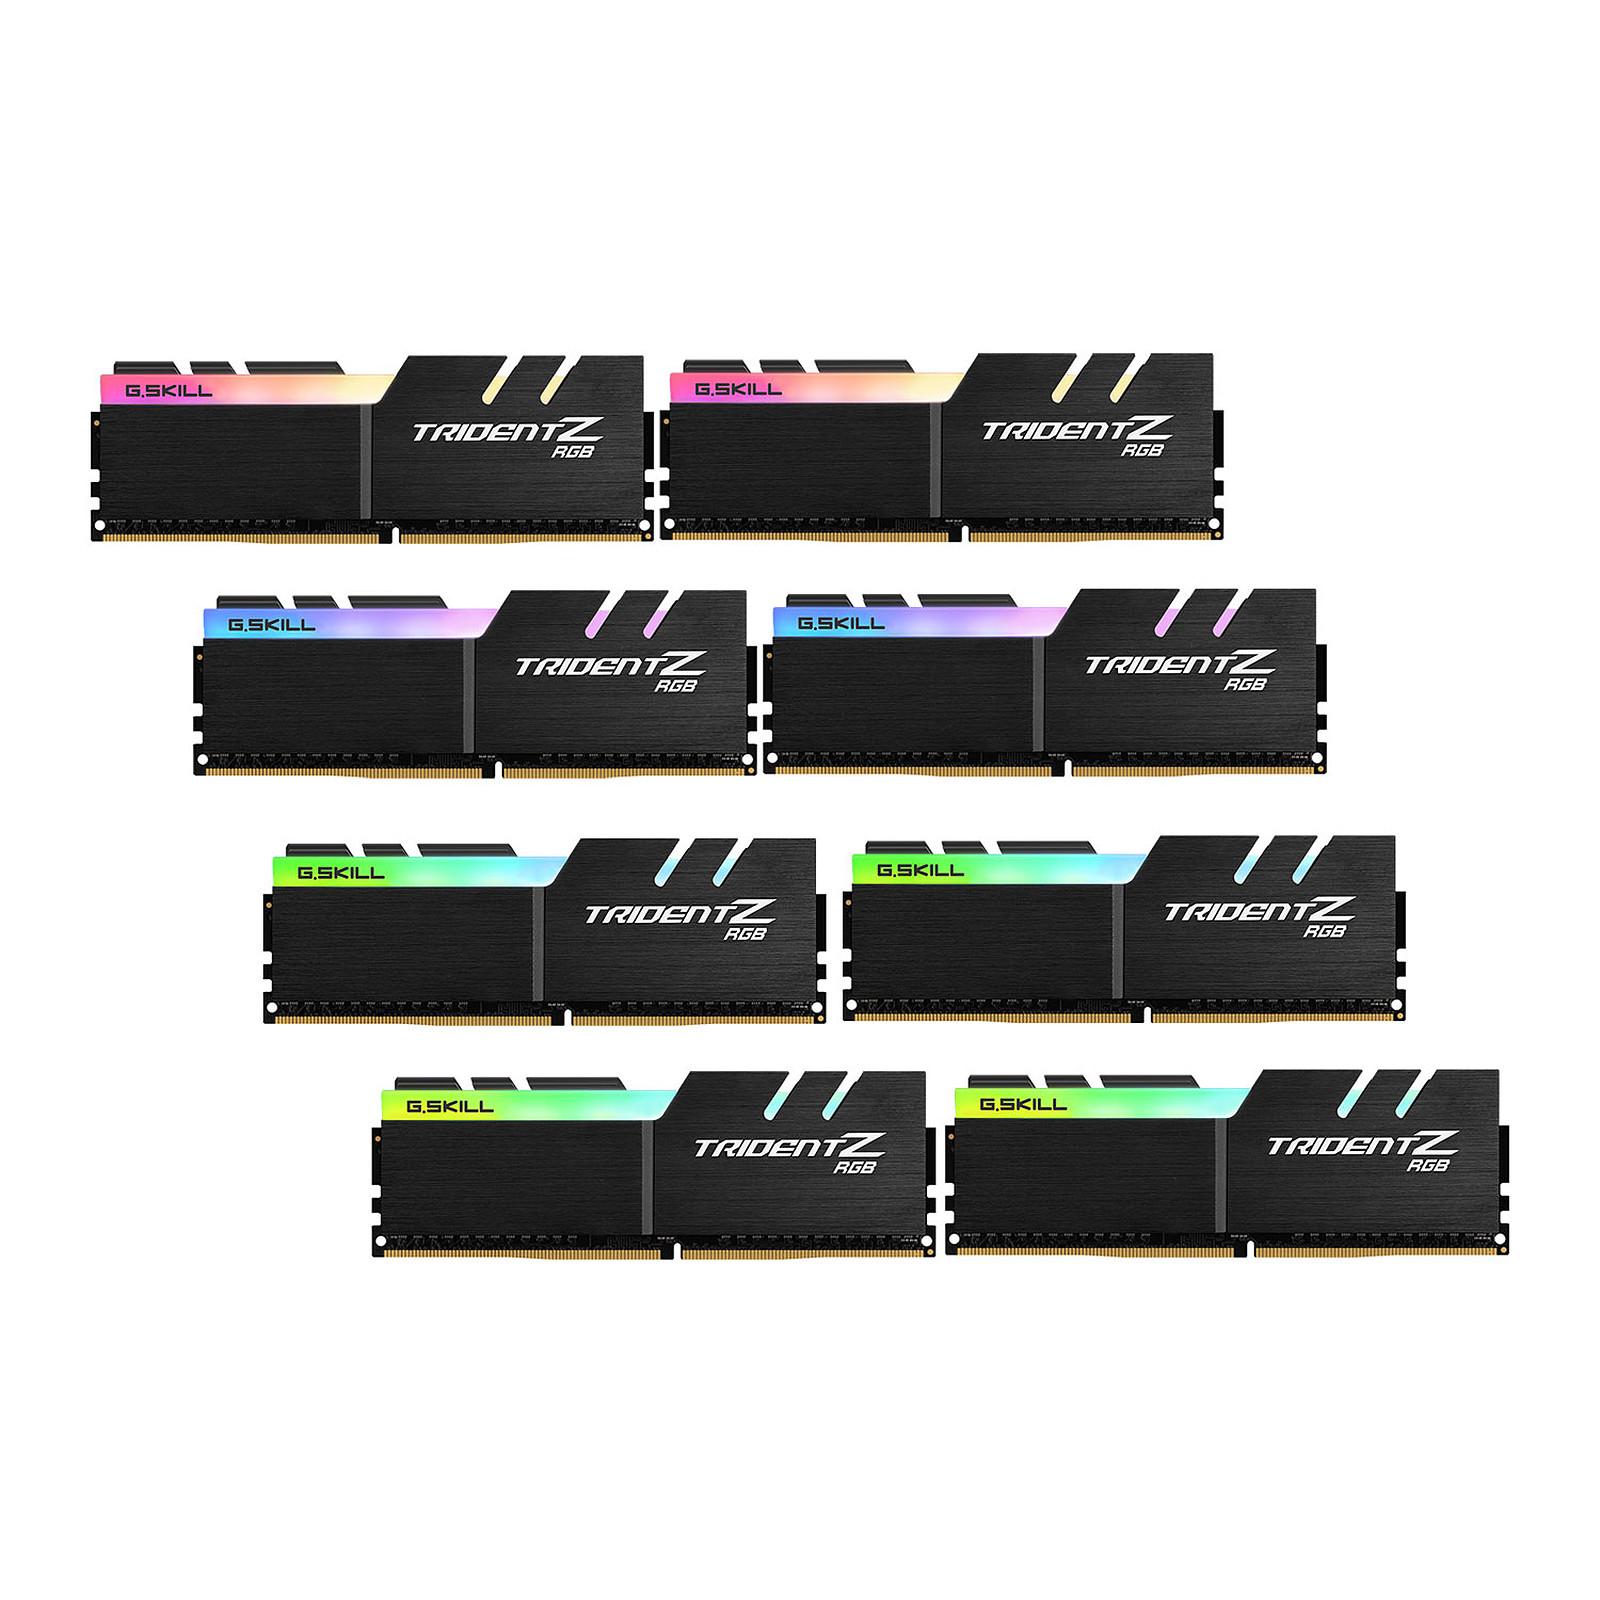 G.Skill Trident Z RGB 64 Go (8x 8 Go) DDR4 3200 MHz CL16